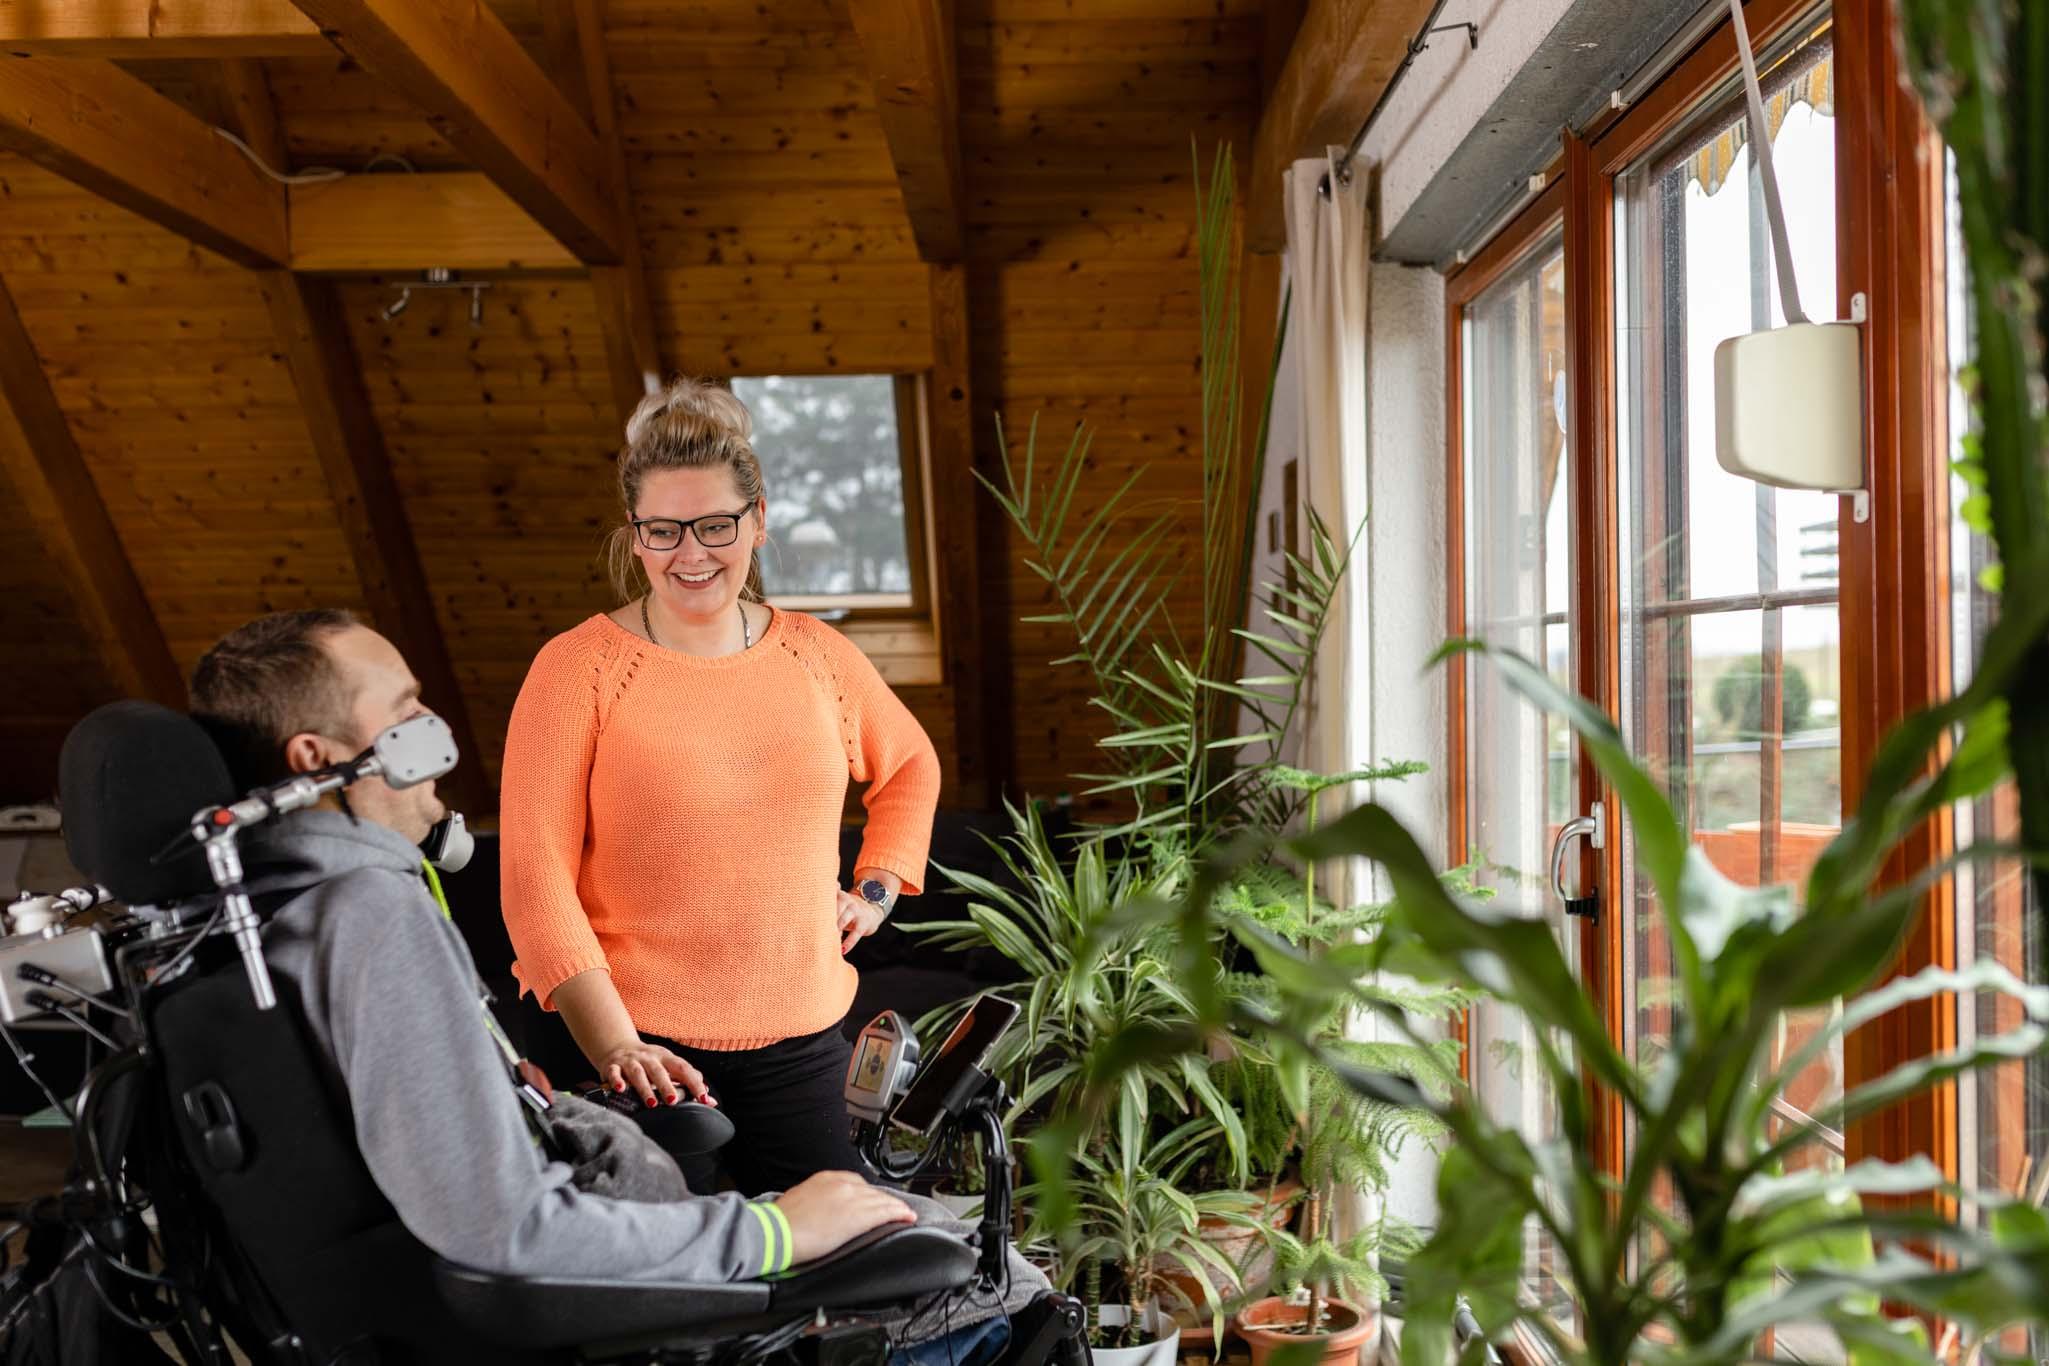 Fachkraft für außerklinische Intensivpflege bei der häusliche Krankenintensivpflege, ASKIR — Pflegedienst Dresden